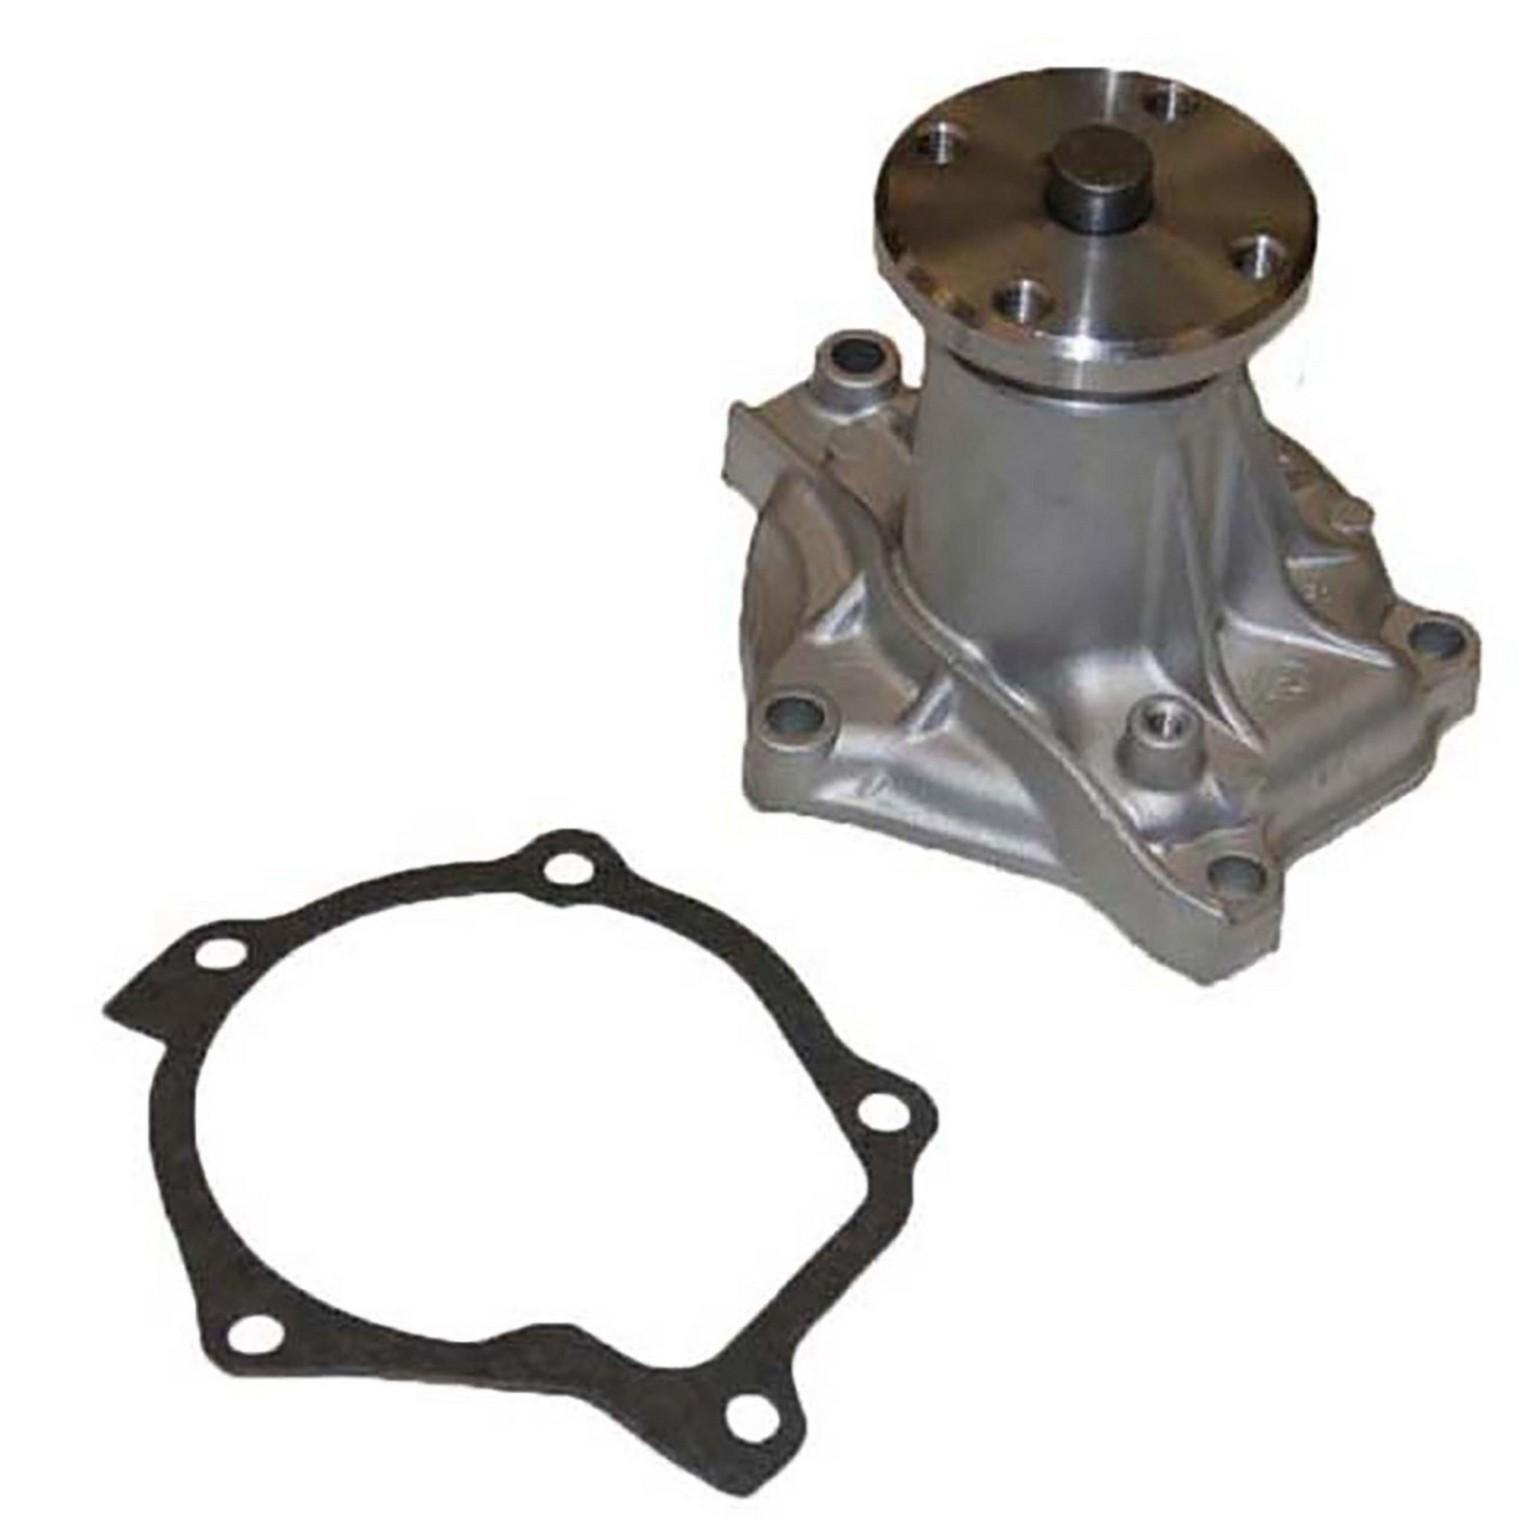 hight resolution of 1990 isuzu trooper engine water pump g6 140 1310